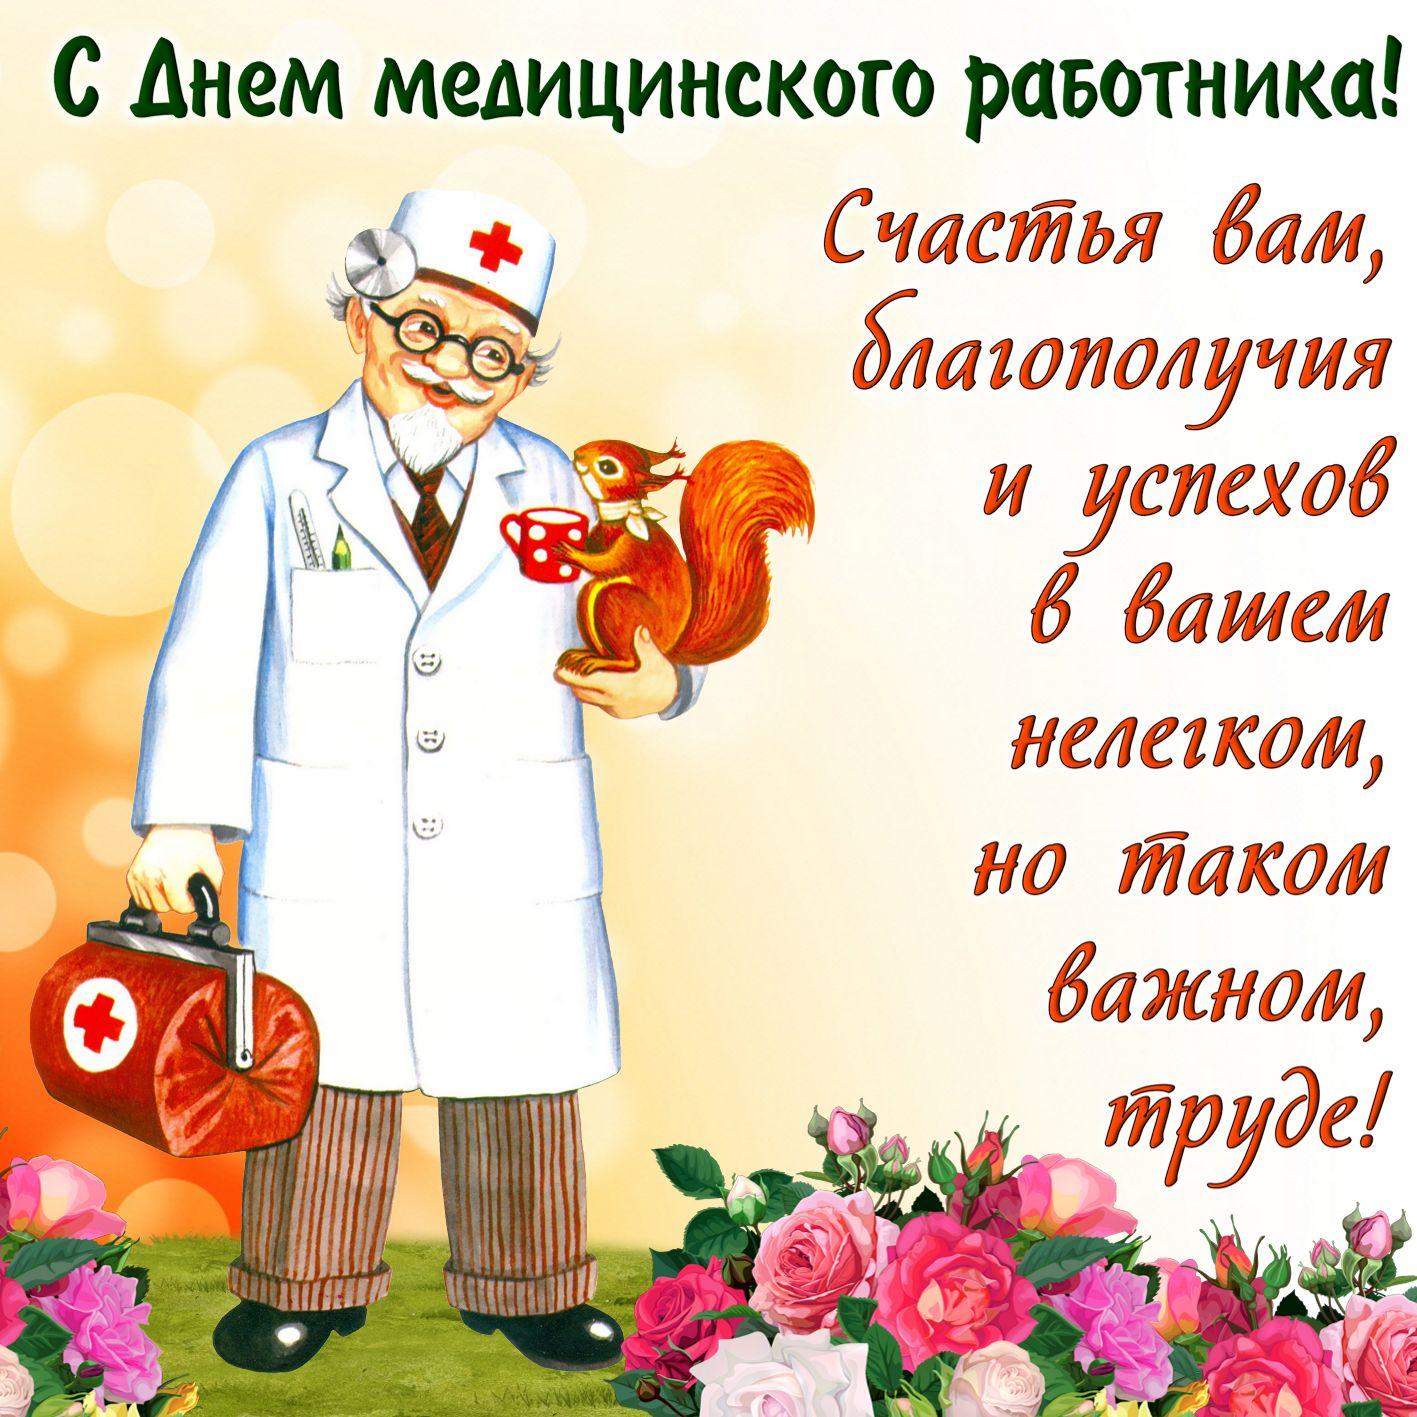 Картинки по запросу день медицинского работника